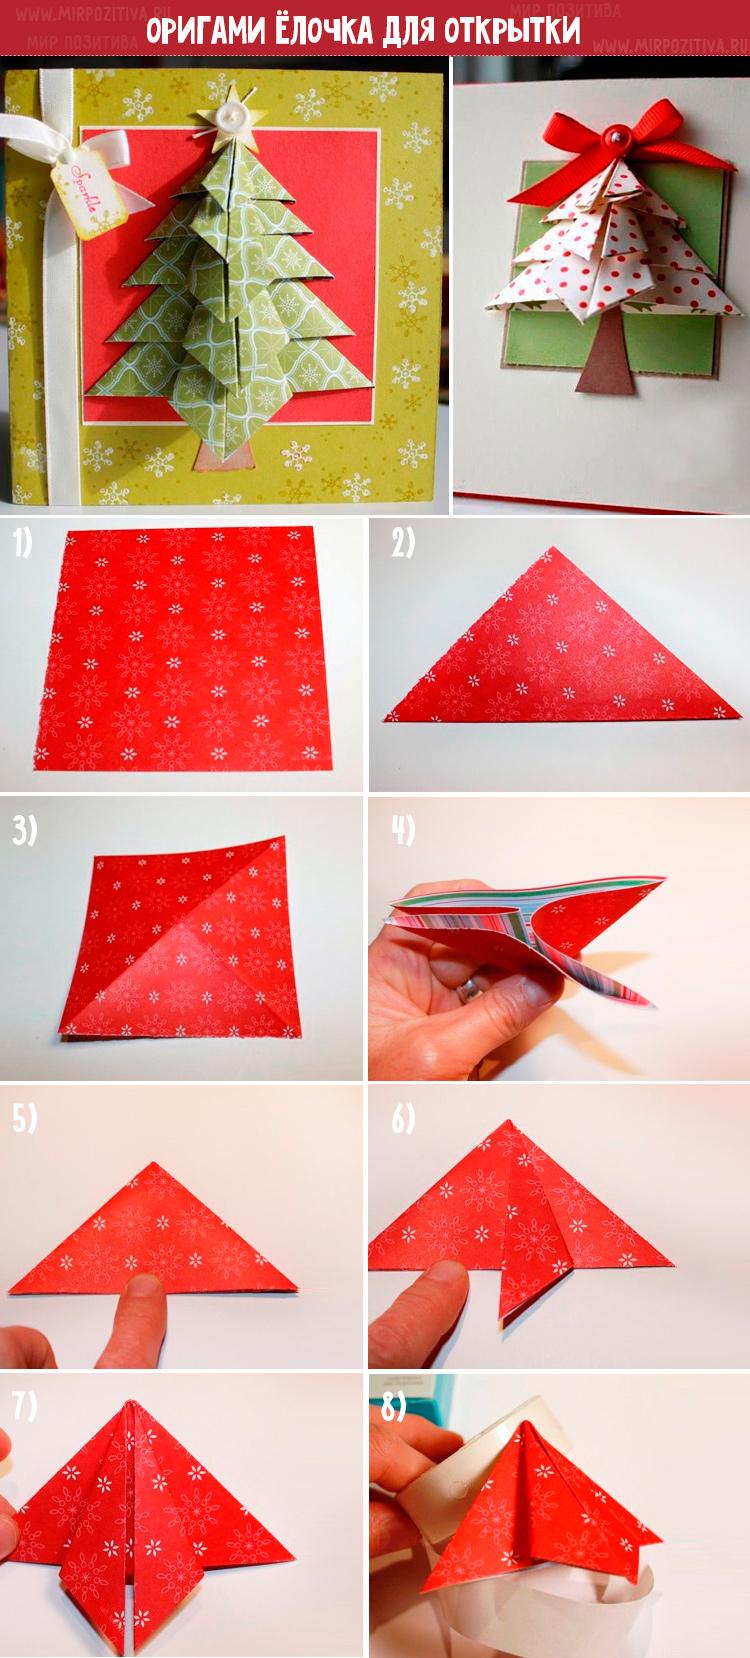 Origami vánoční strom pro pohlednici